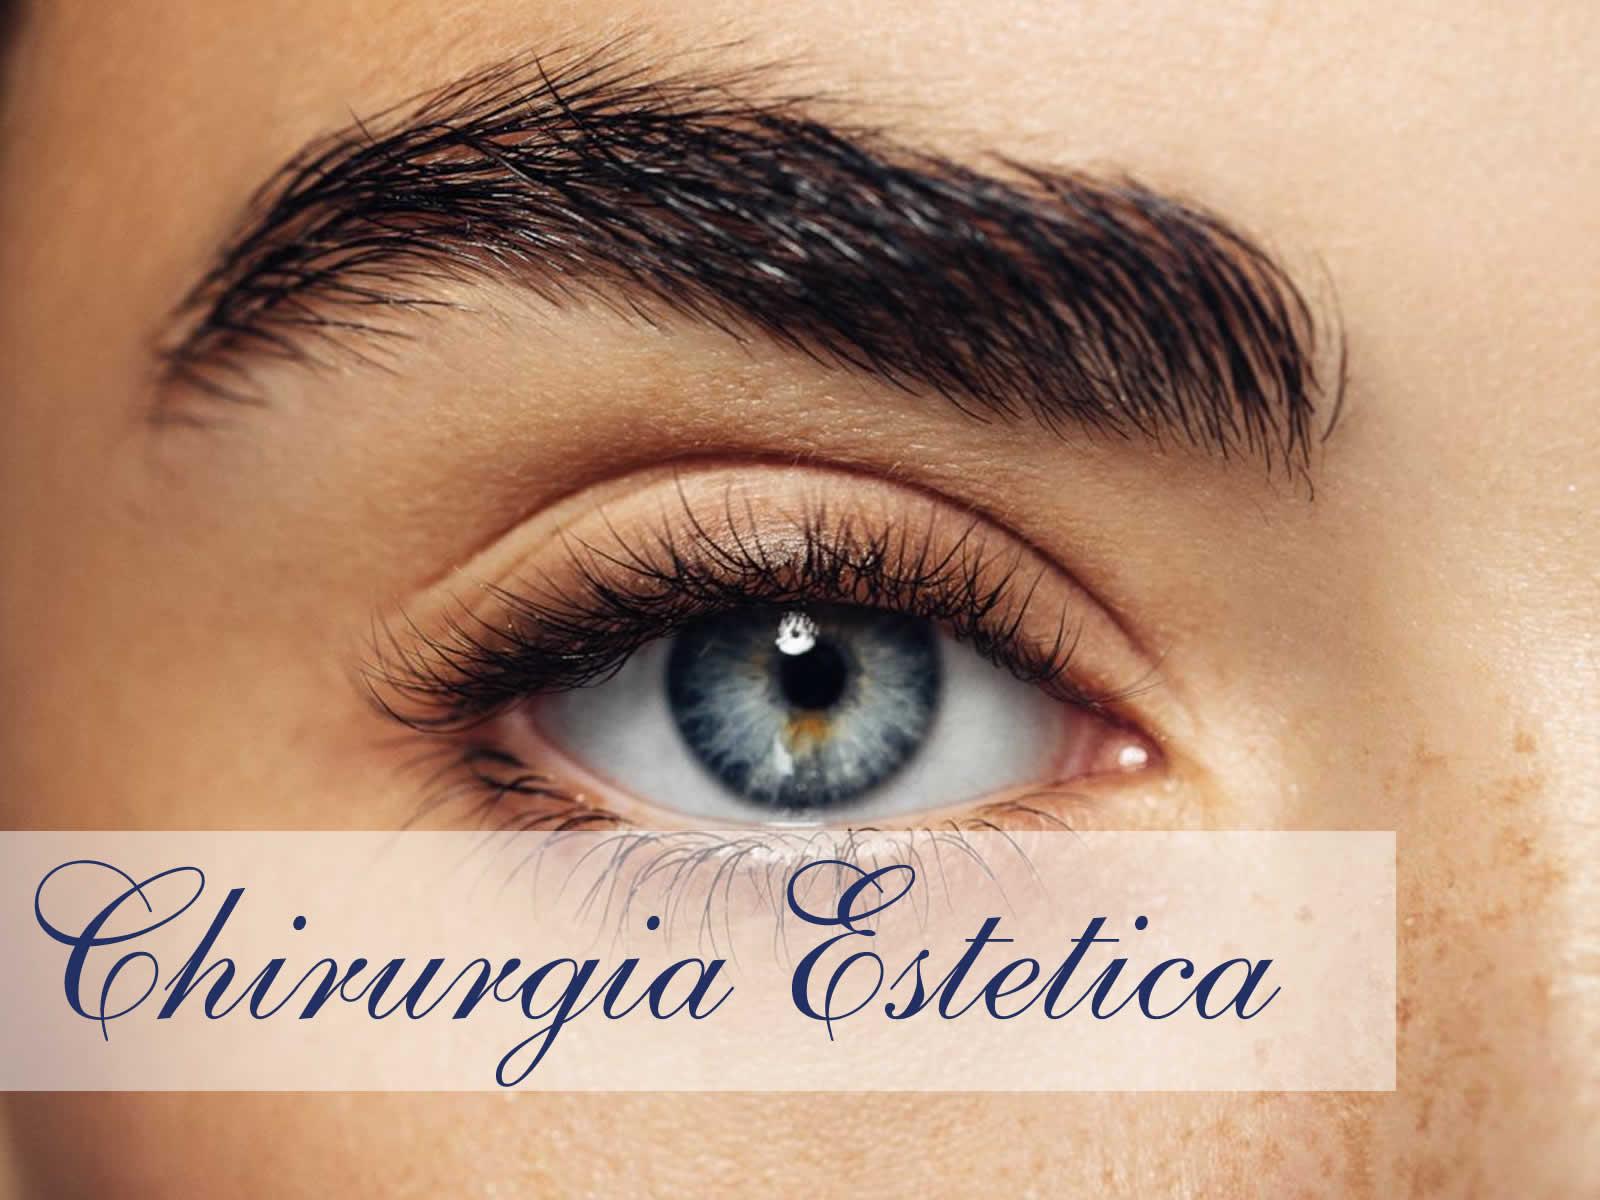 Settecamini - Chirurgo Estetico: Blefaroplastica a Settecamini